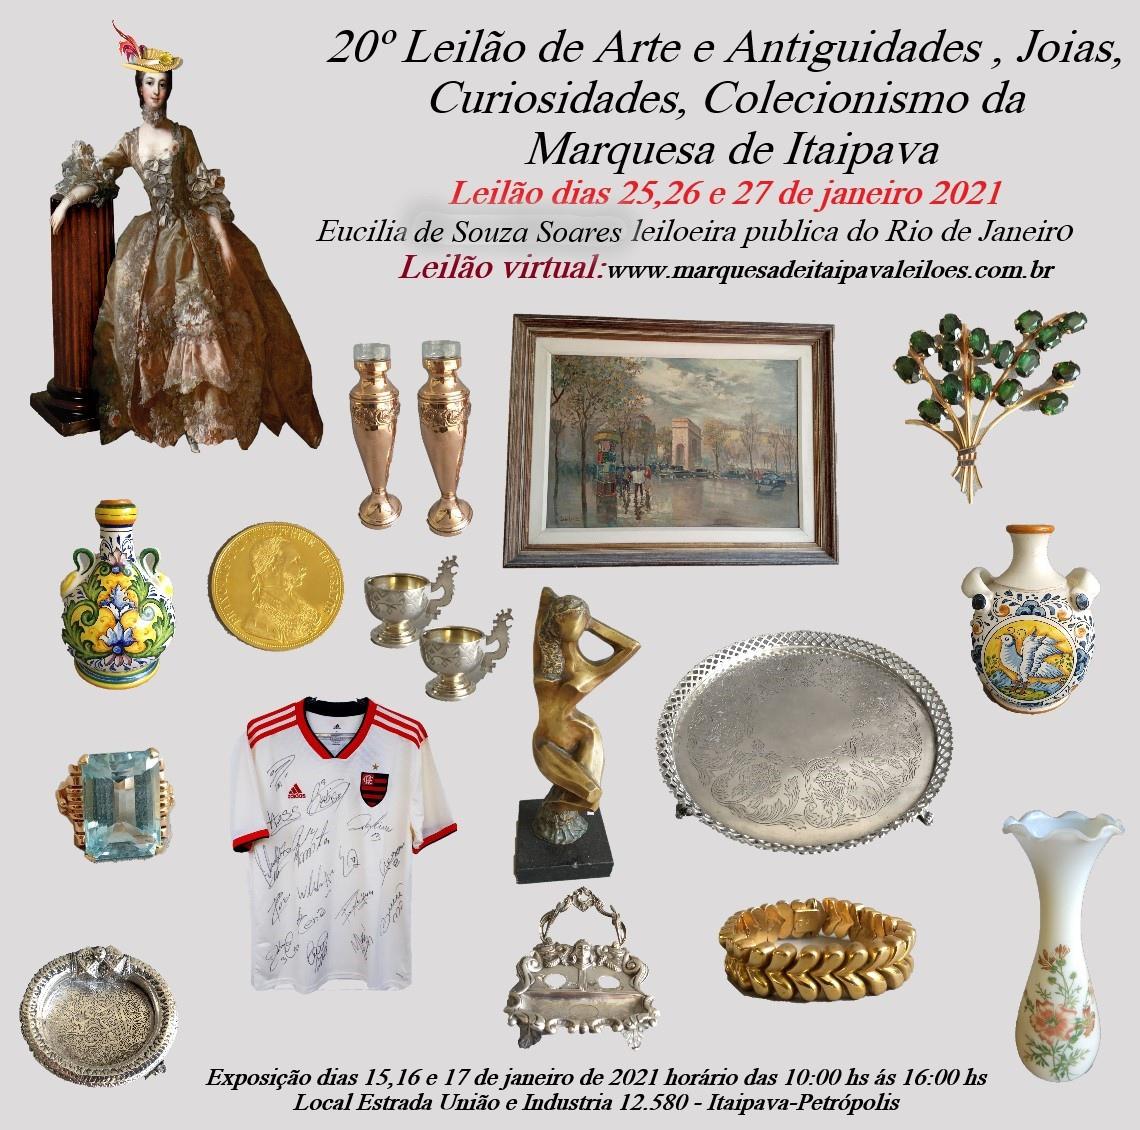 20º LEILÃO DE ARTE E ANTIGUIDADES, JOIAS ,CURIOSIDADES ,COLECIONISMO, DA MARQUESA DE ITAIPAVA.